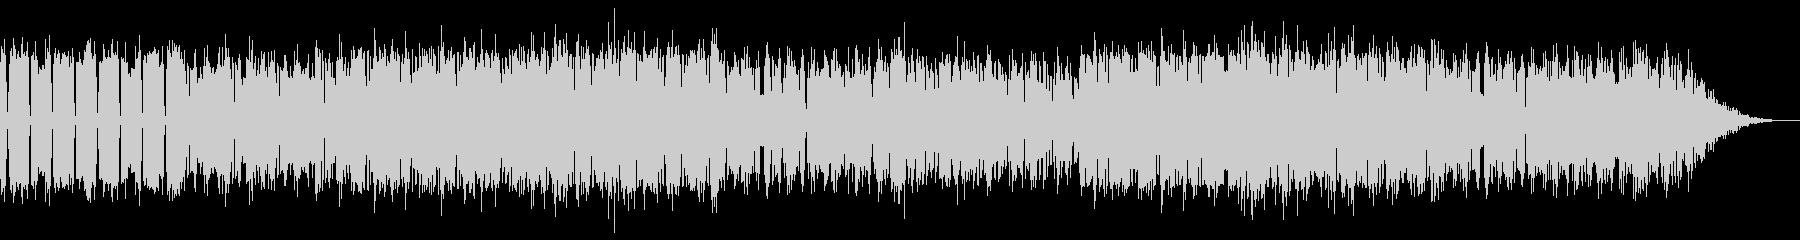 ファミコンシューティング風のBGMの未再生の波形